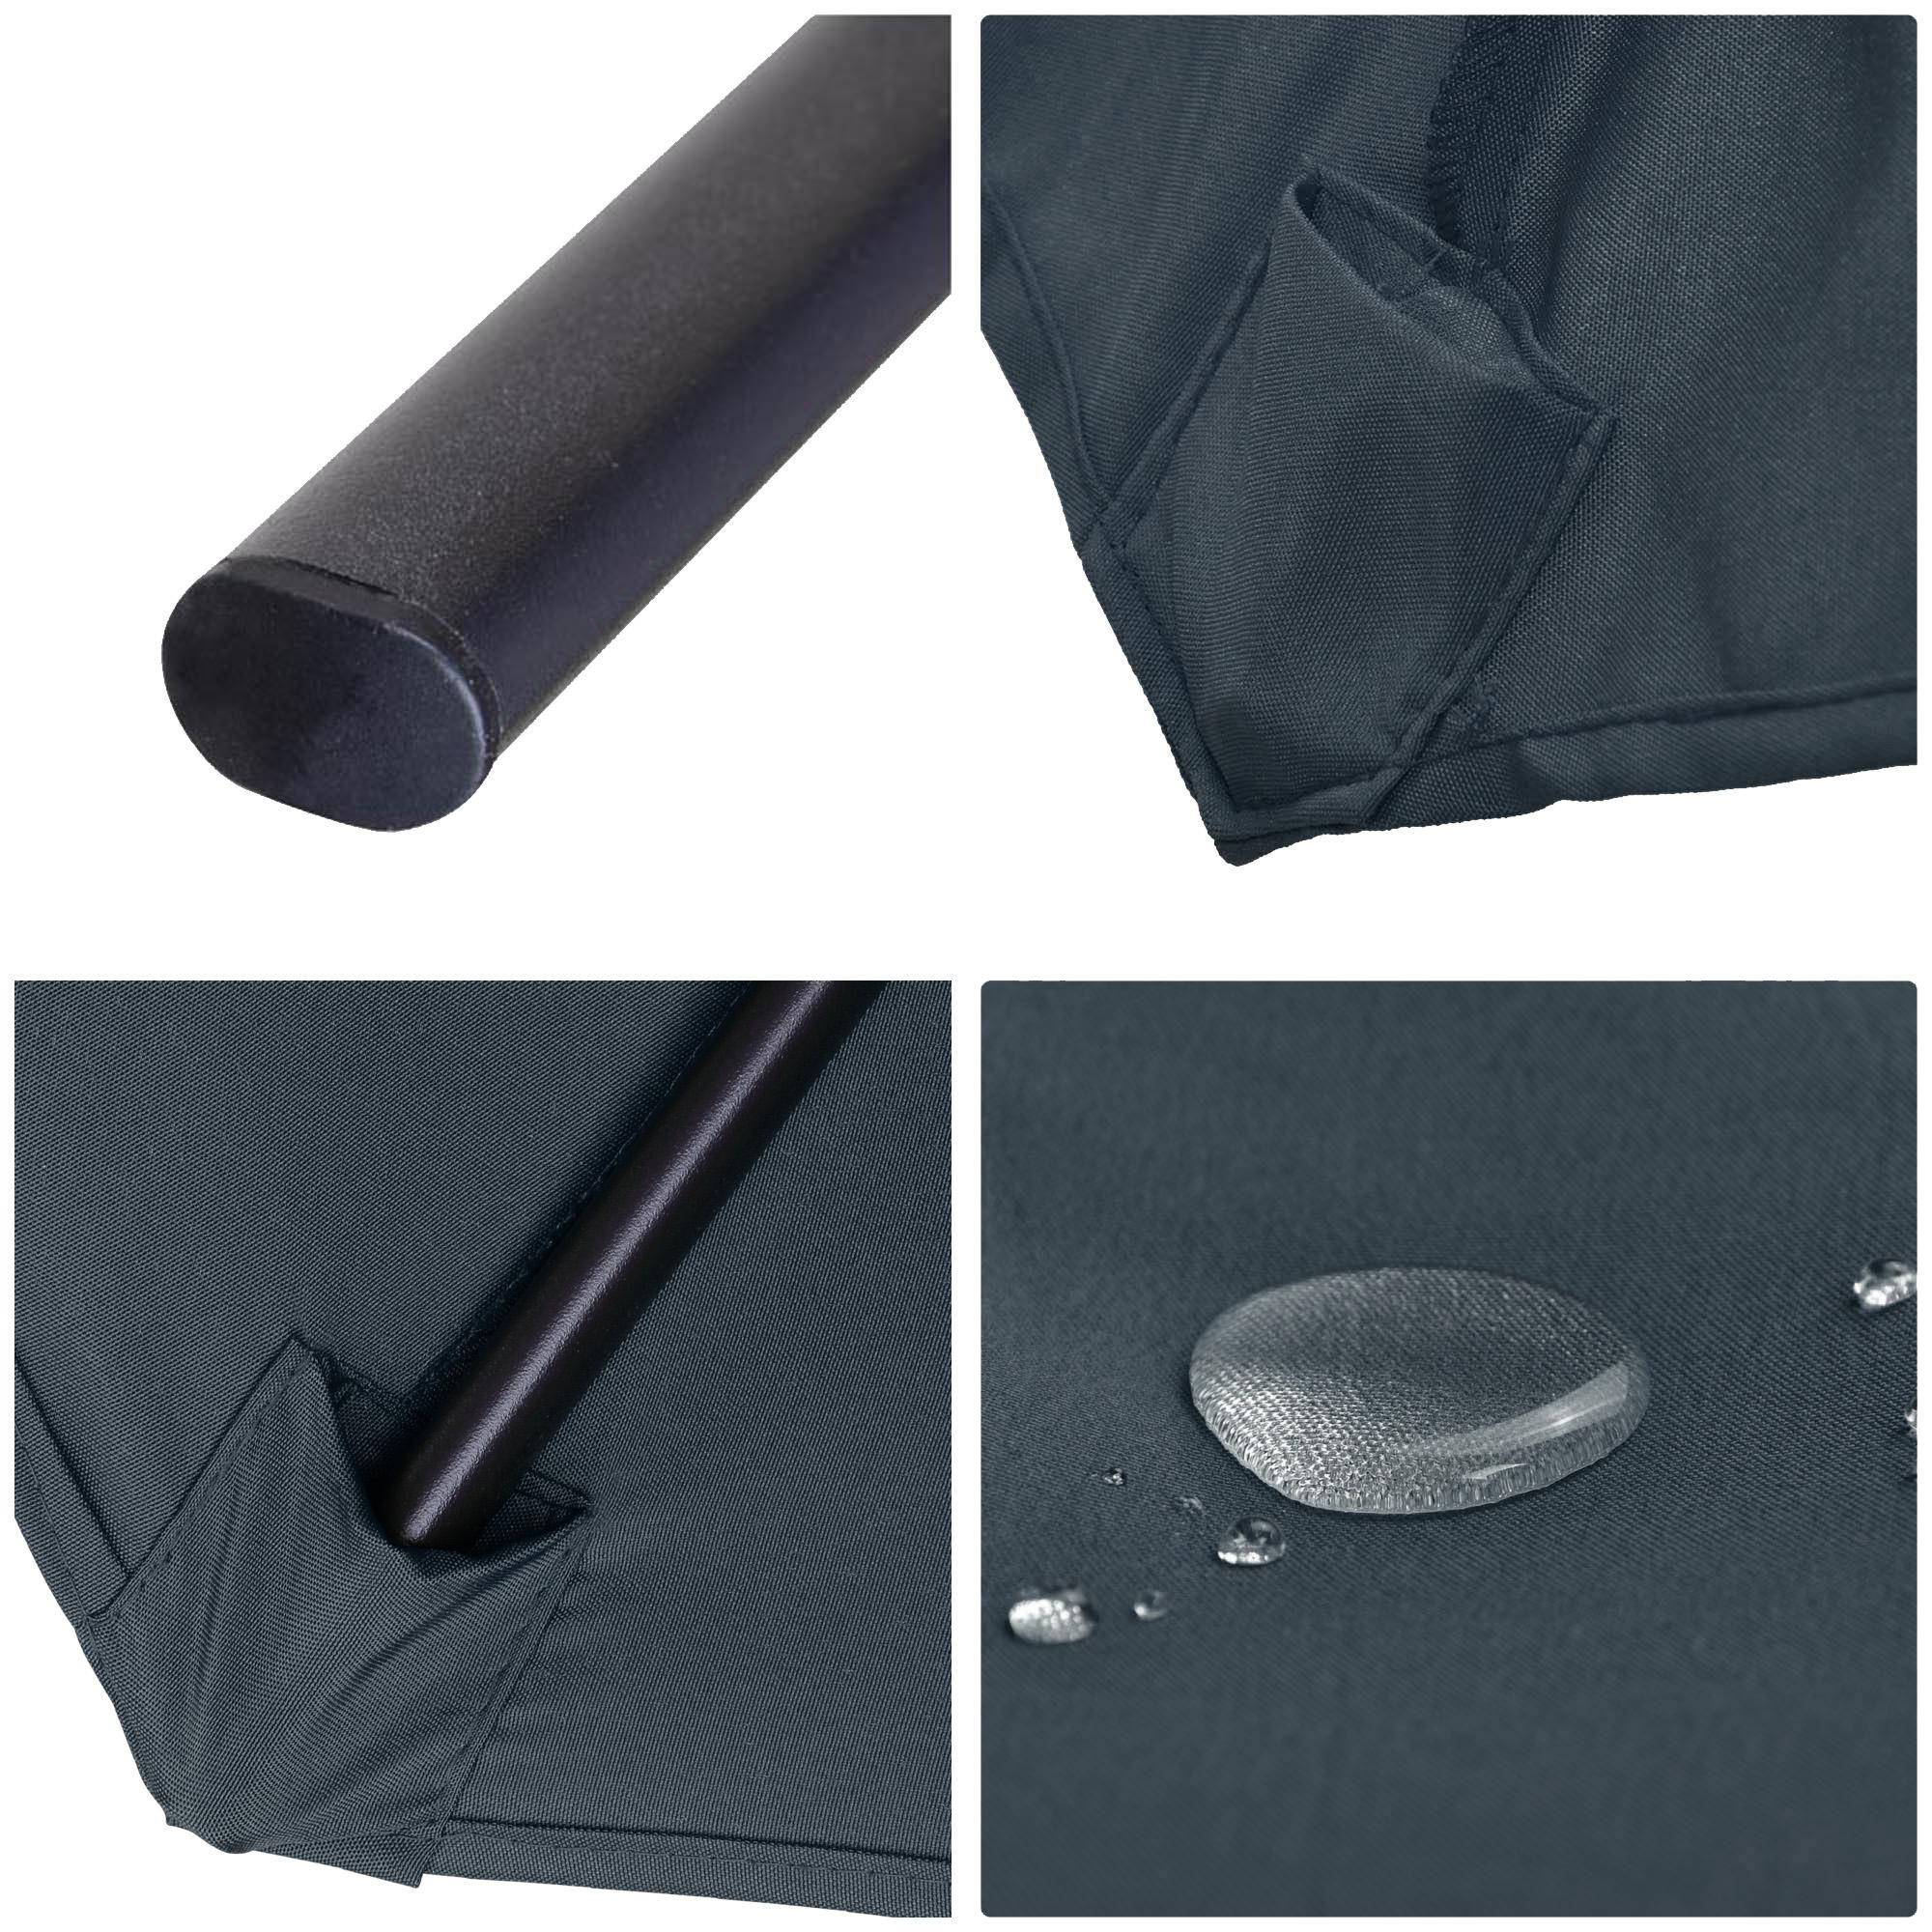 thumbnail 35 - 15ft Patio Twin Umbrella Double-sided Market Crank Outdoor Garden Parasol Shade